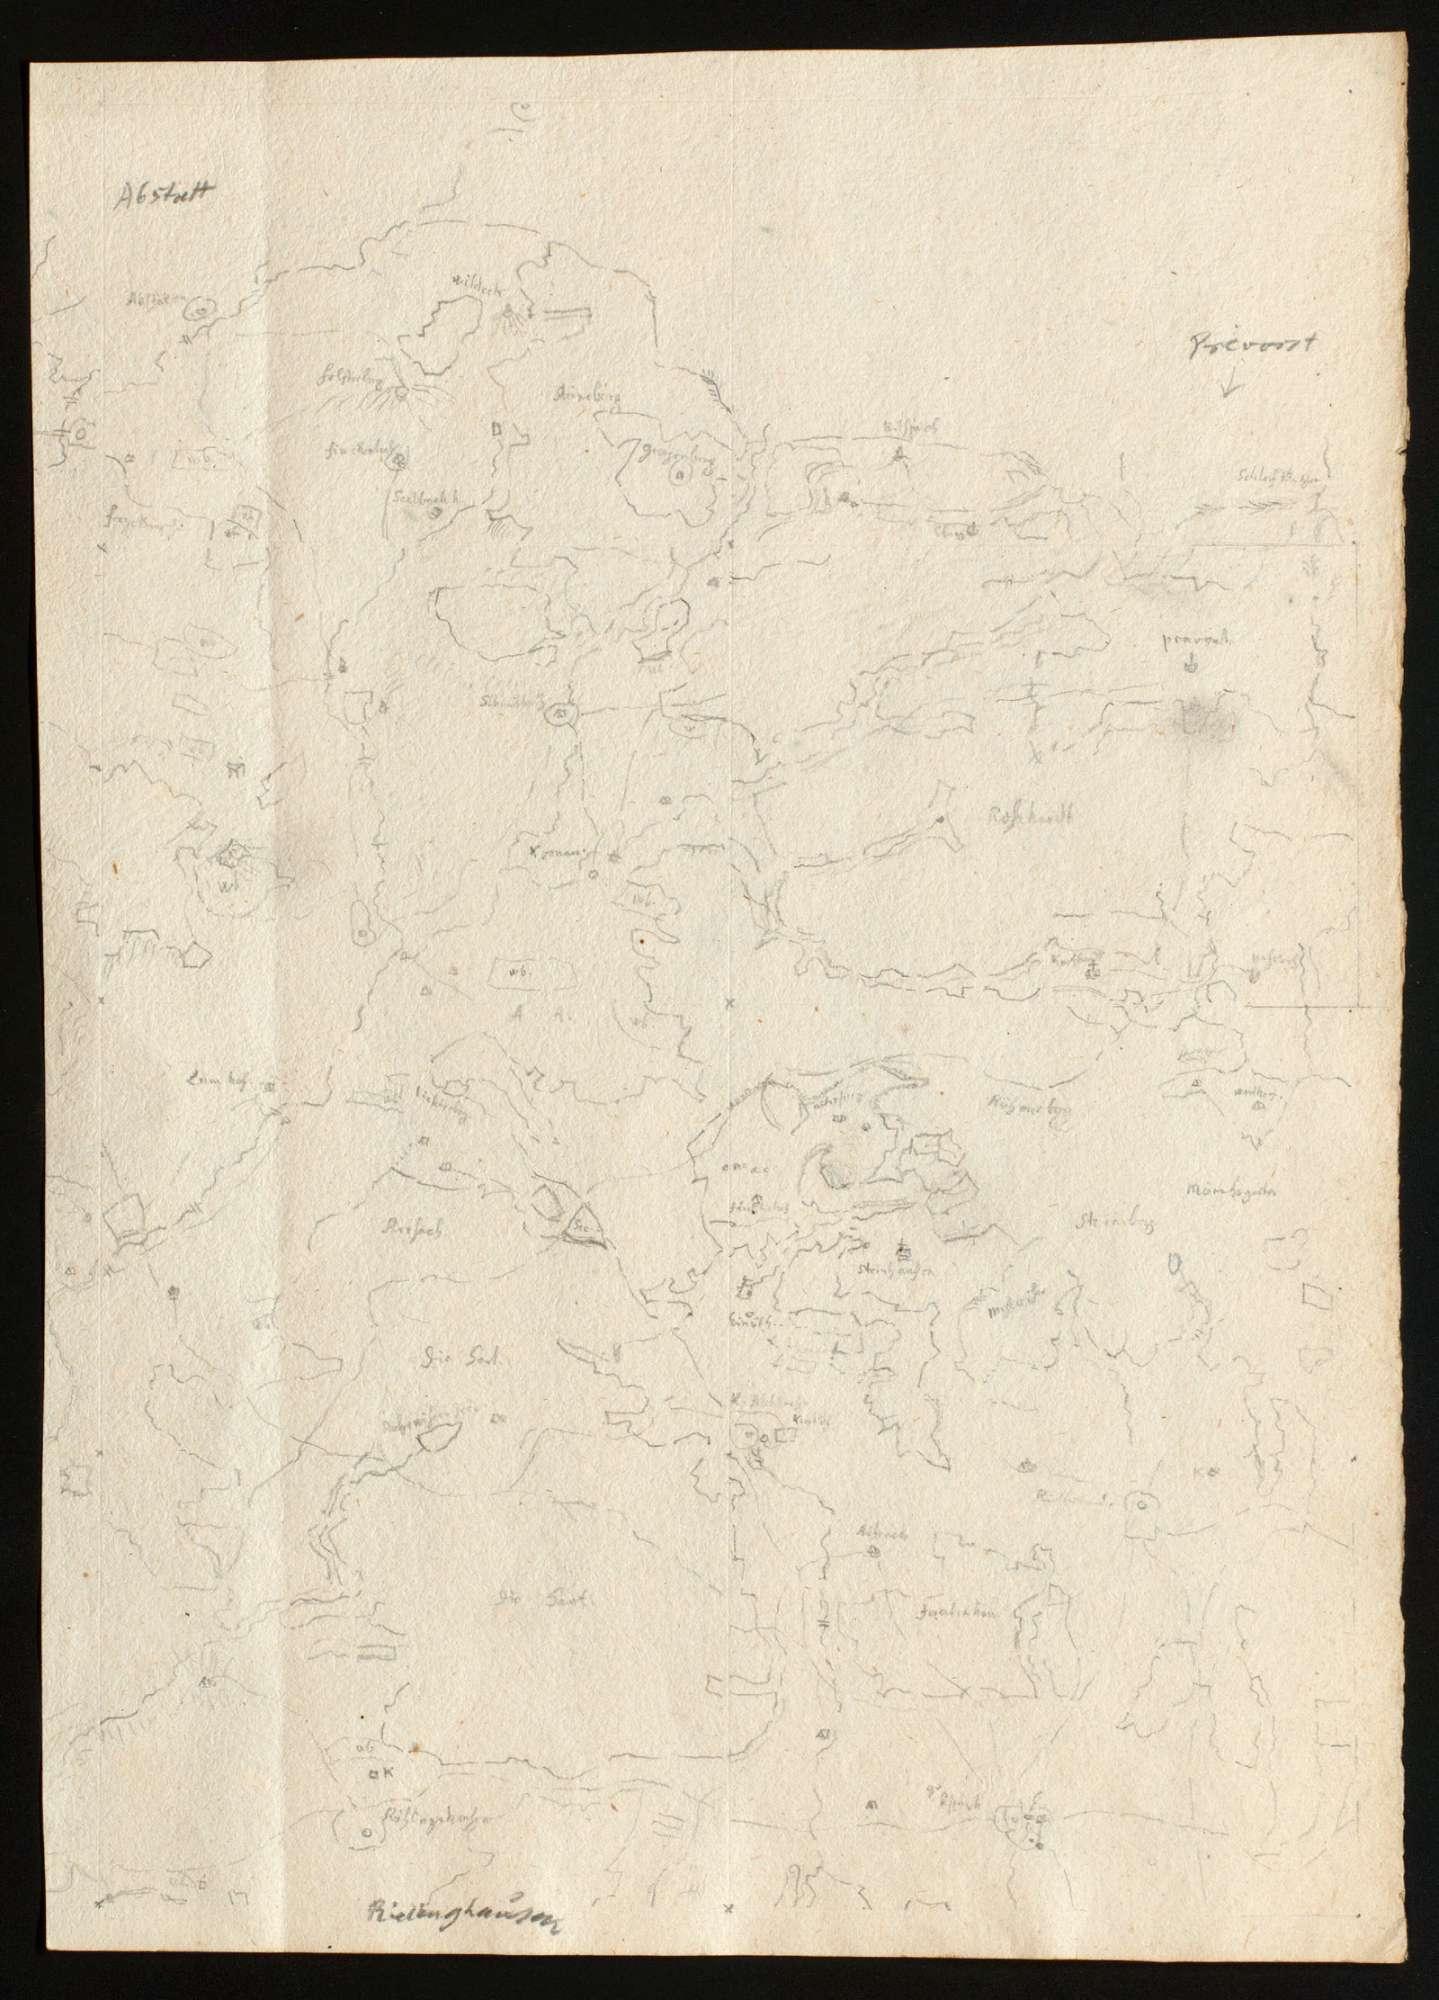 [Karte des Bottwartales und seiner Umgebung], Bild 1